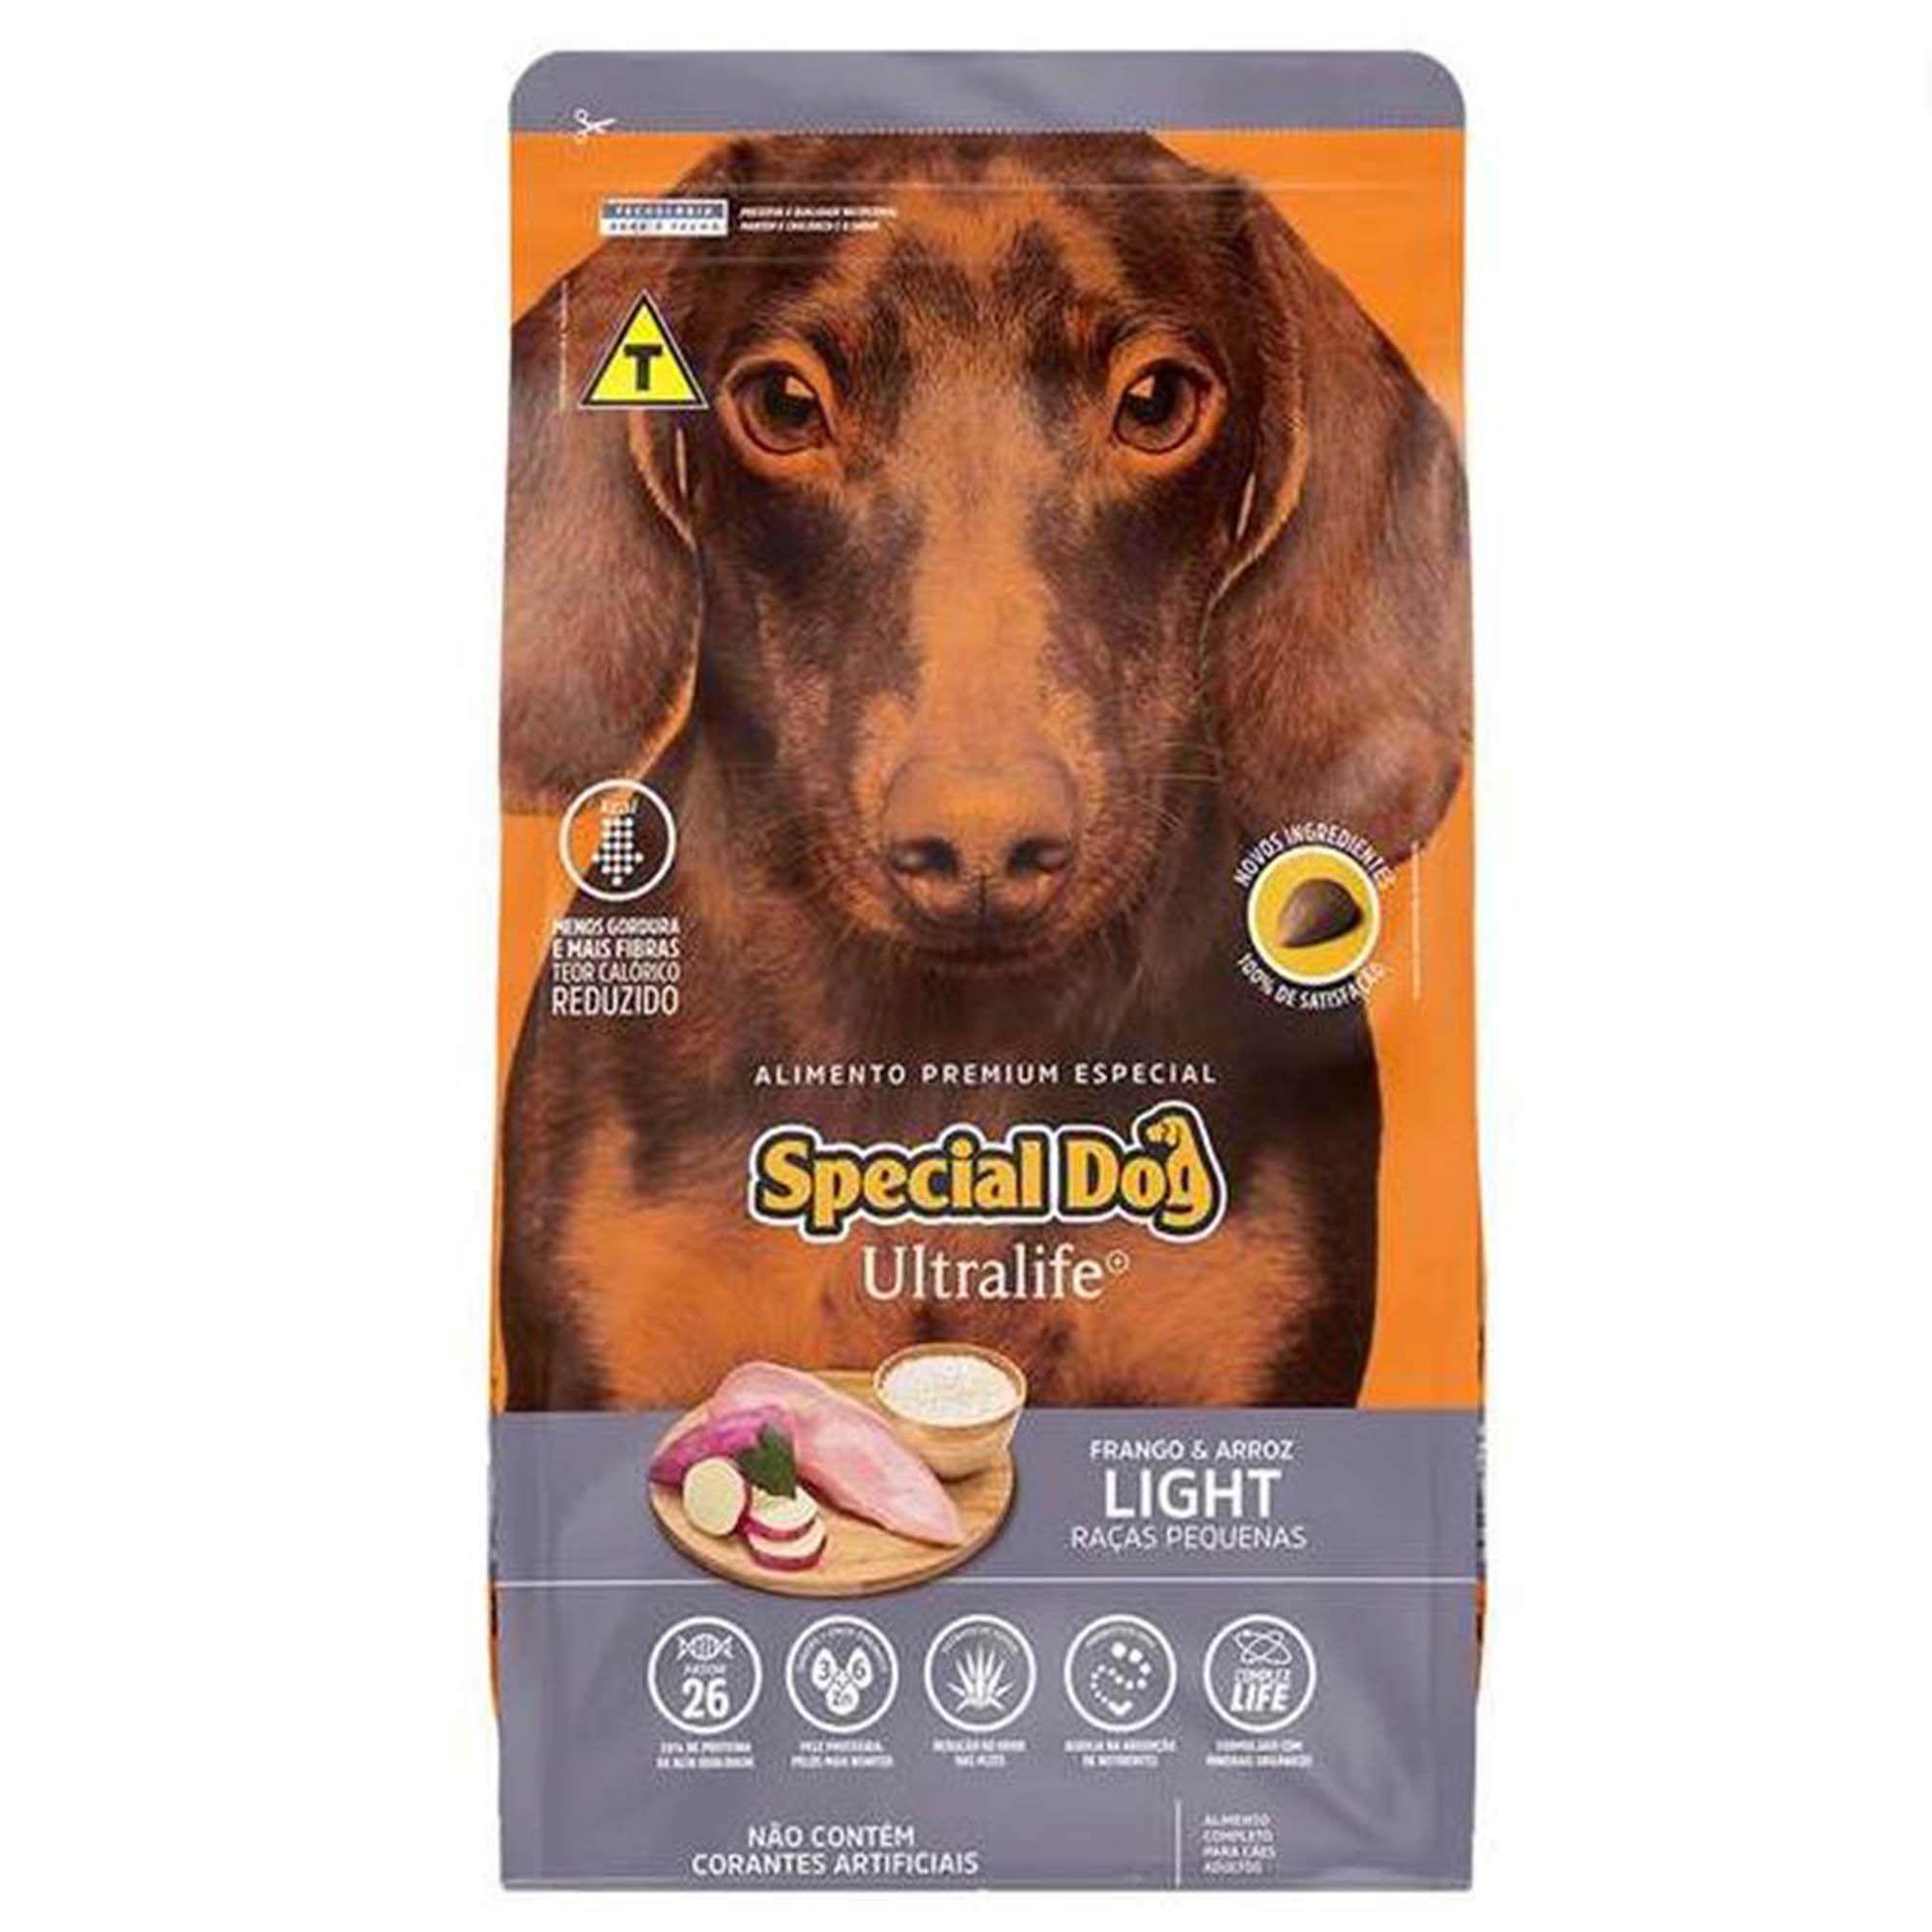 Ração Special Dog Ultralife Light - Frango e Arroz - Cães de Raças Pequenas